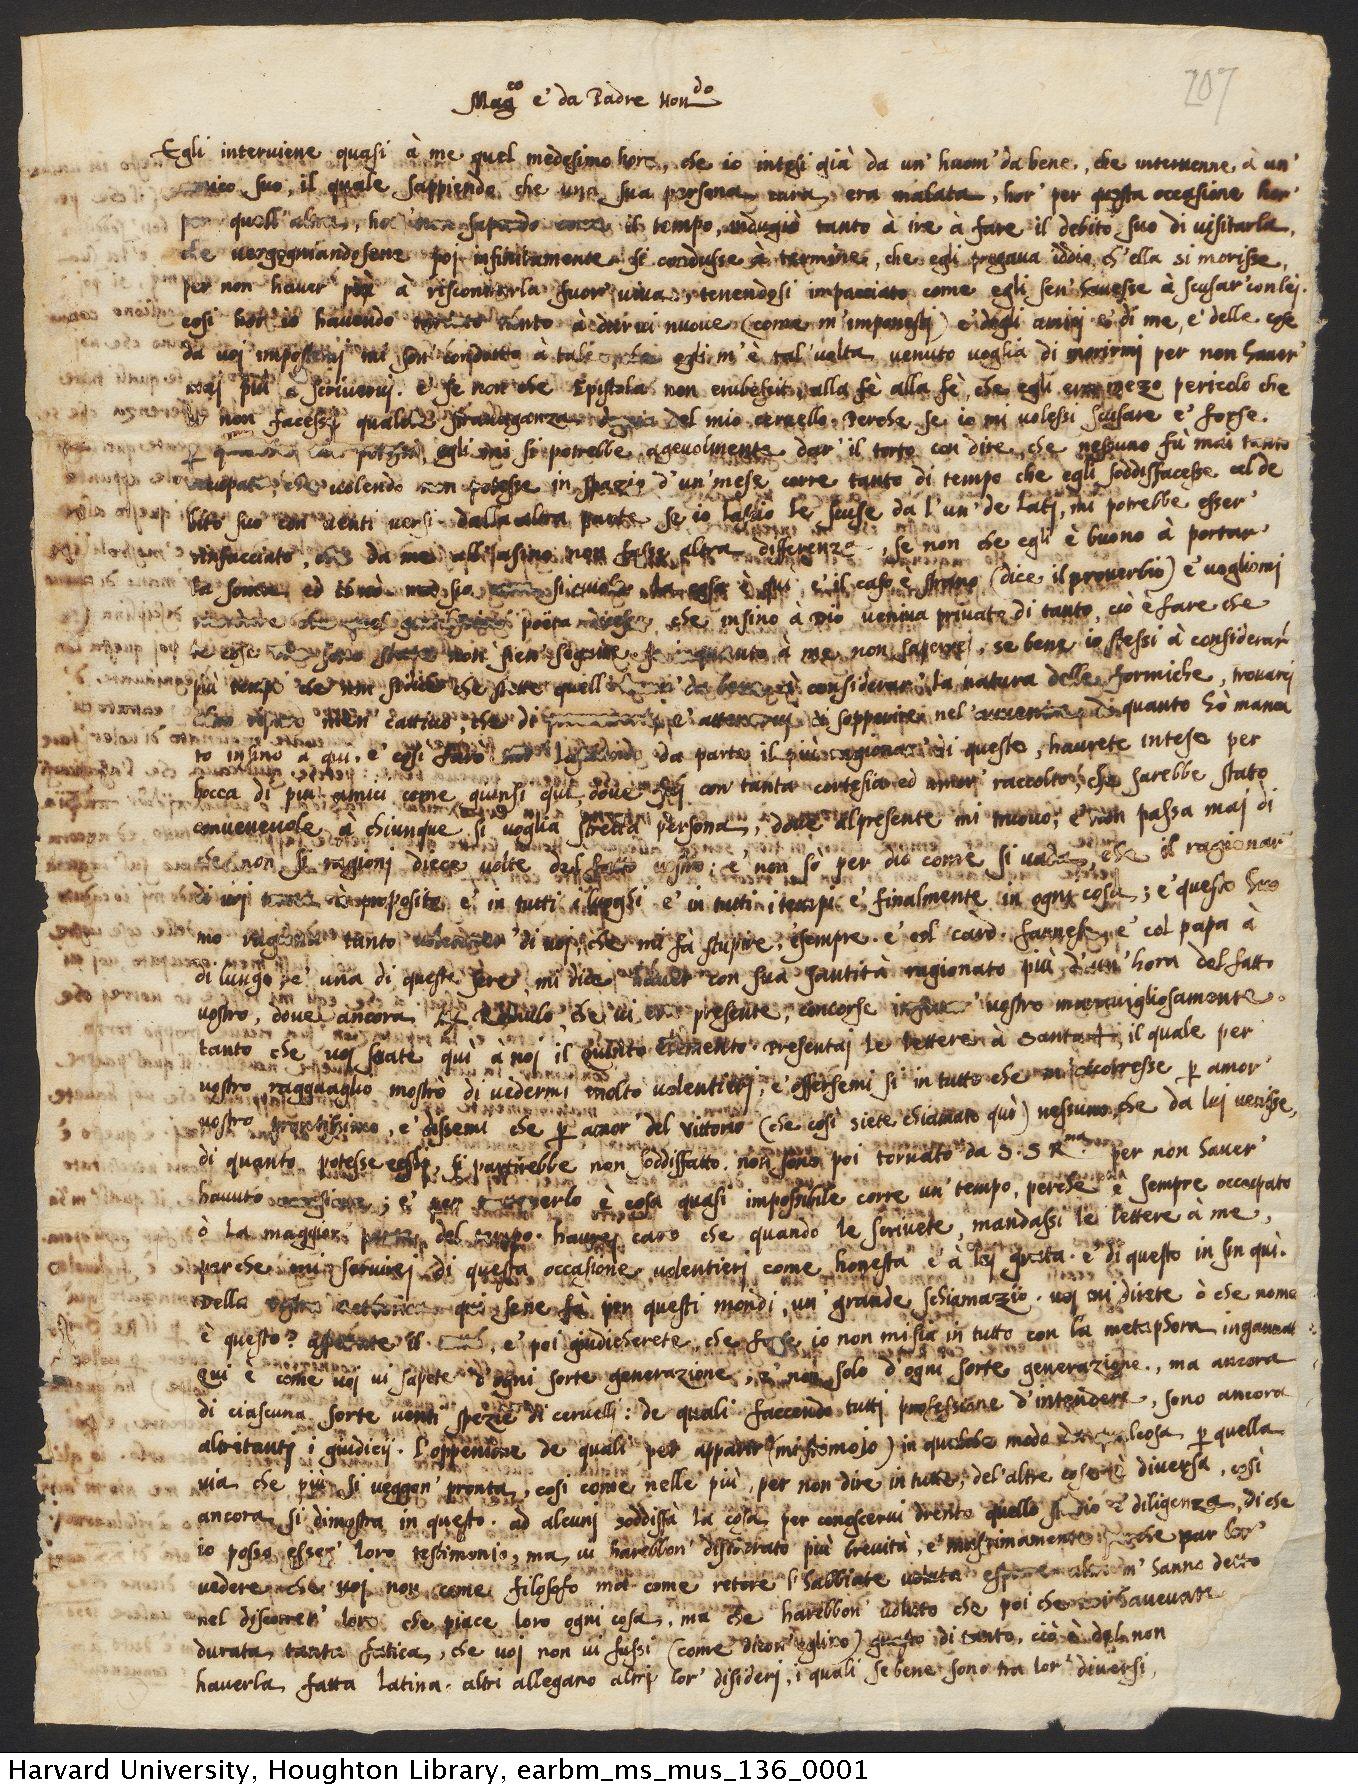 Mei, Girolamo, 1519-1594. Girolamo Mei letters to Pietro Vettori, 1548-1555. MS Mus 136.